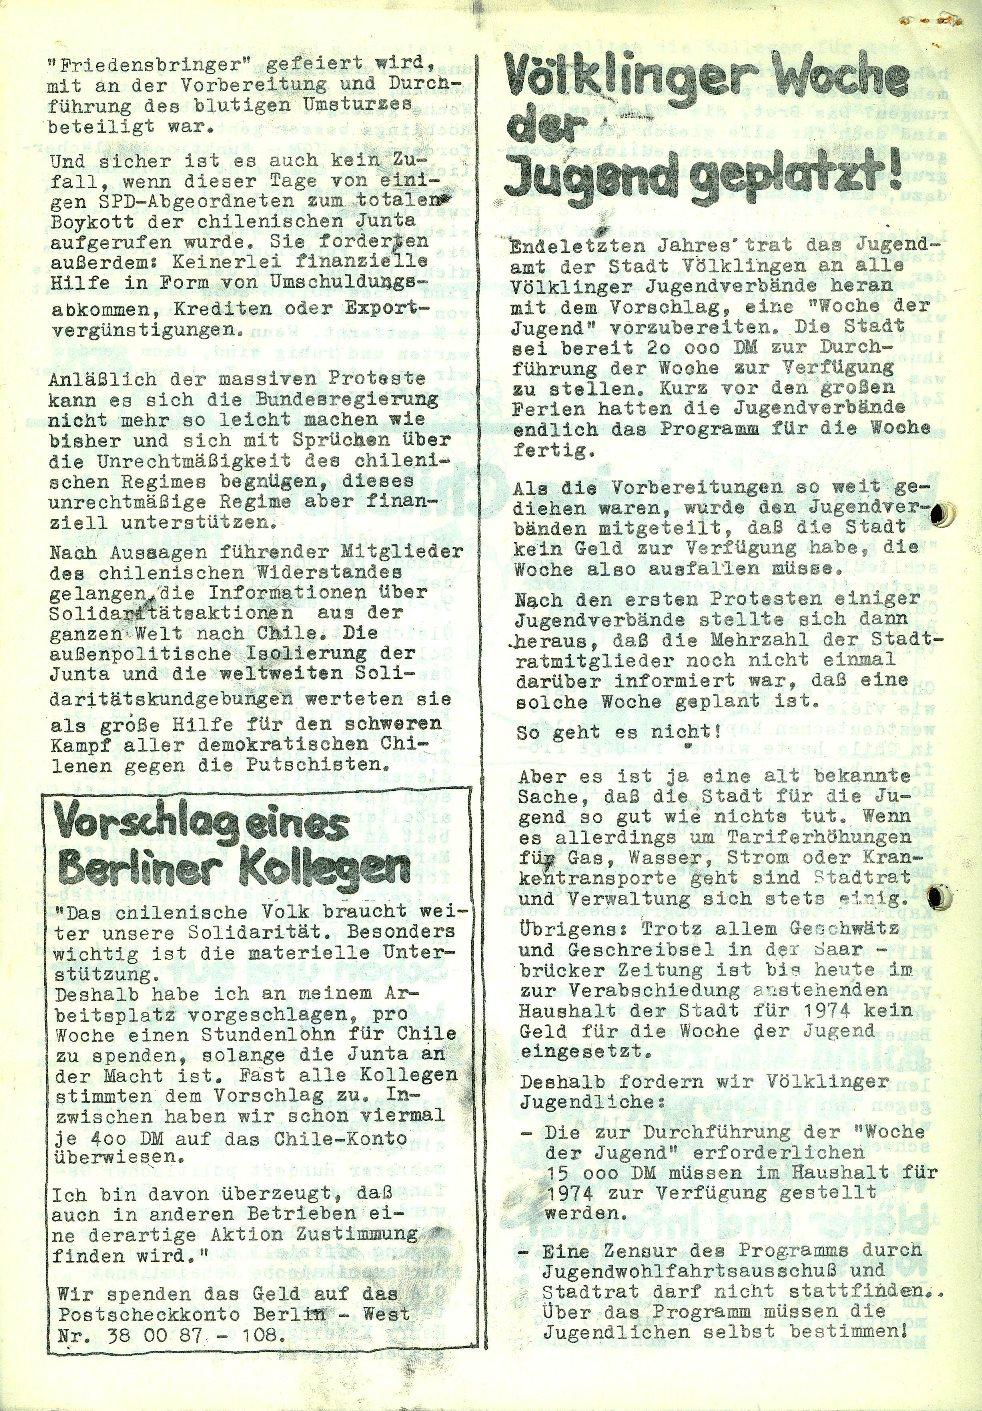 Voelklingen198